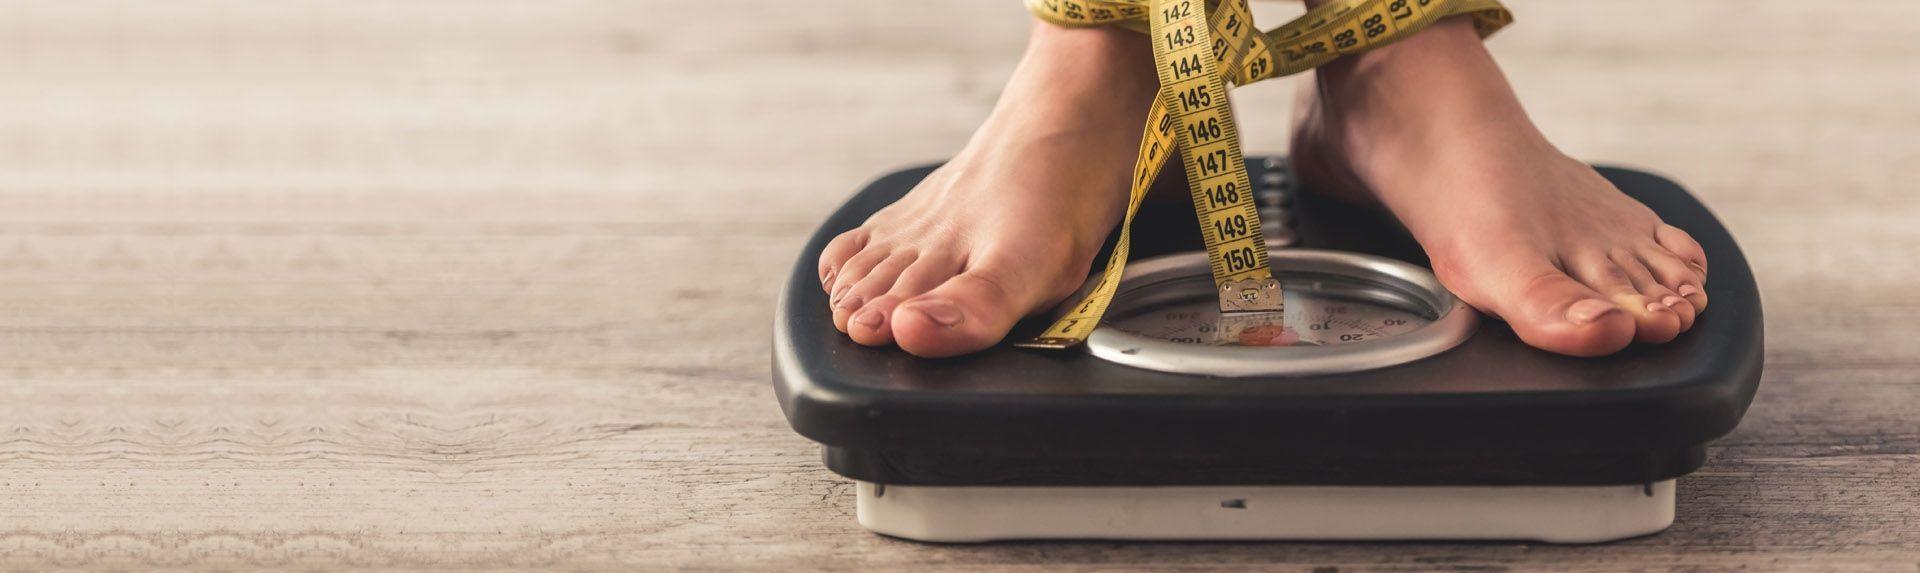 Как похудеть при климаксе?